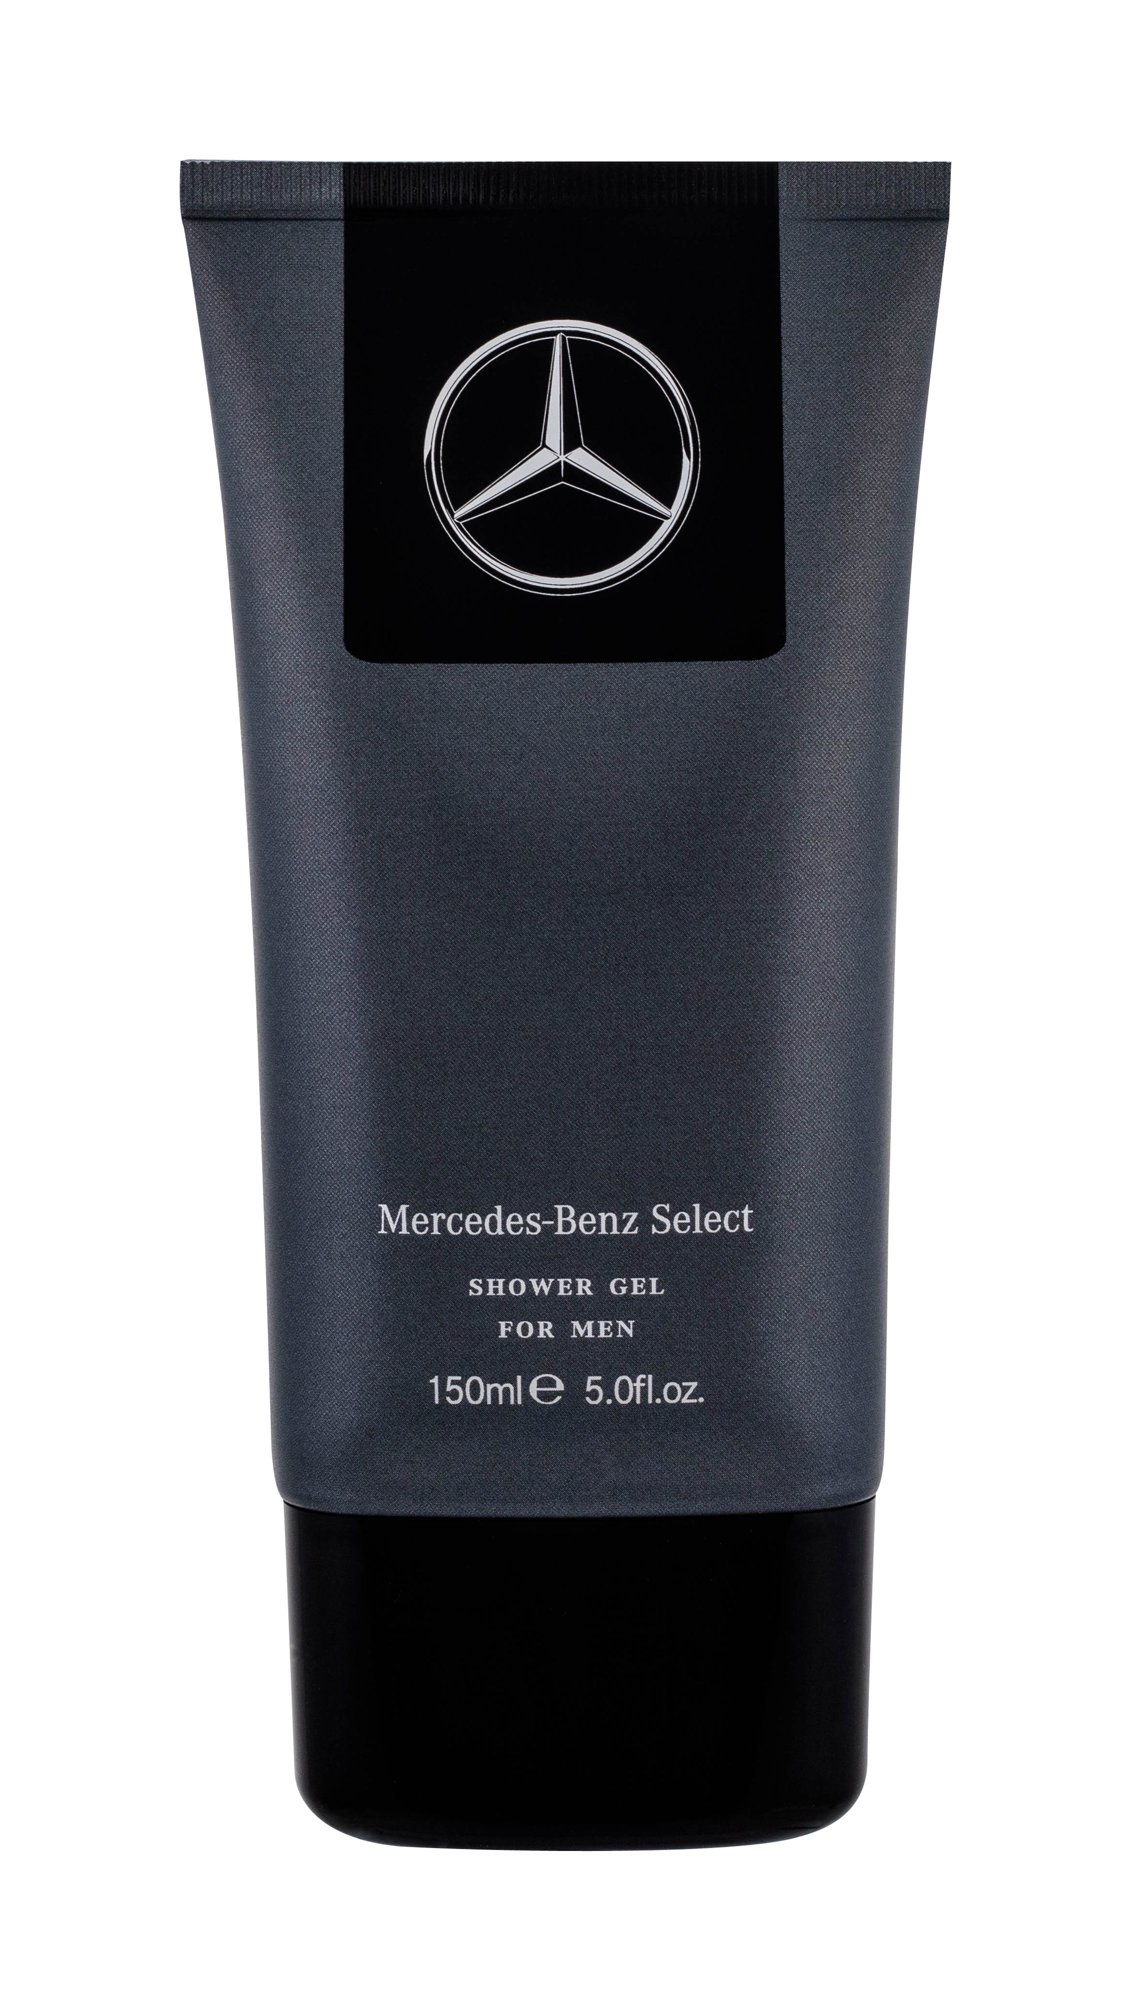 Mercedes-Benz Mercedes-Benz Select Shower Gel 150ml